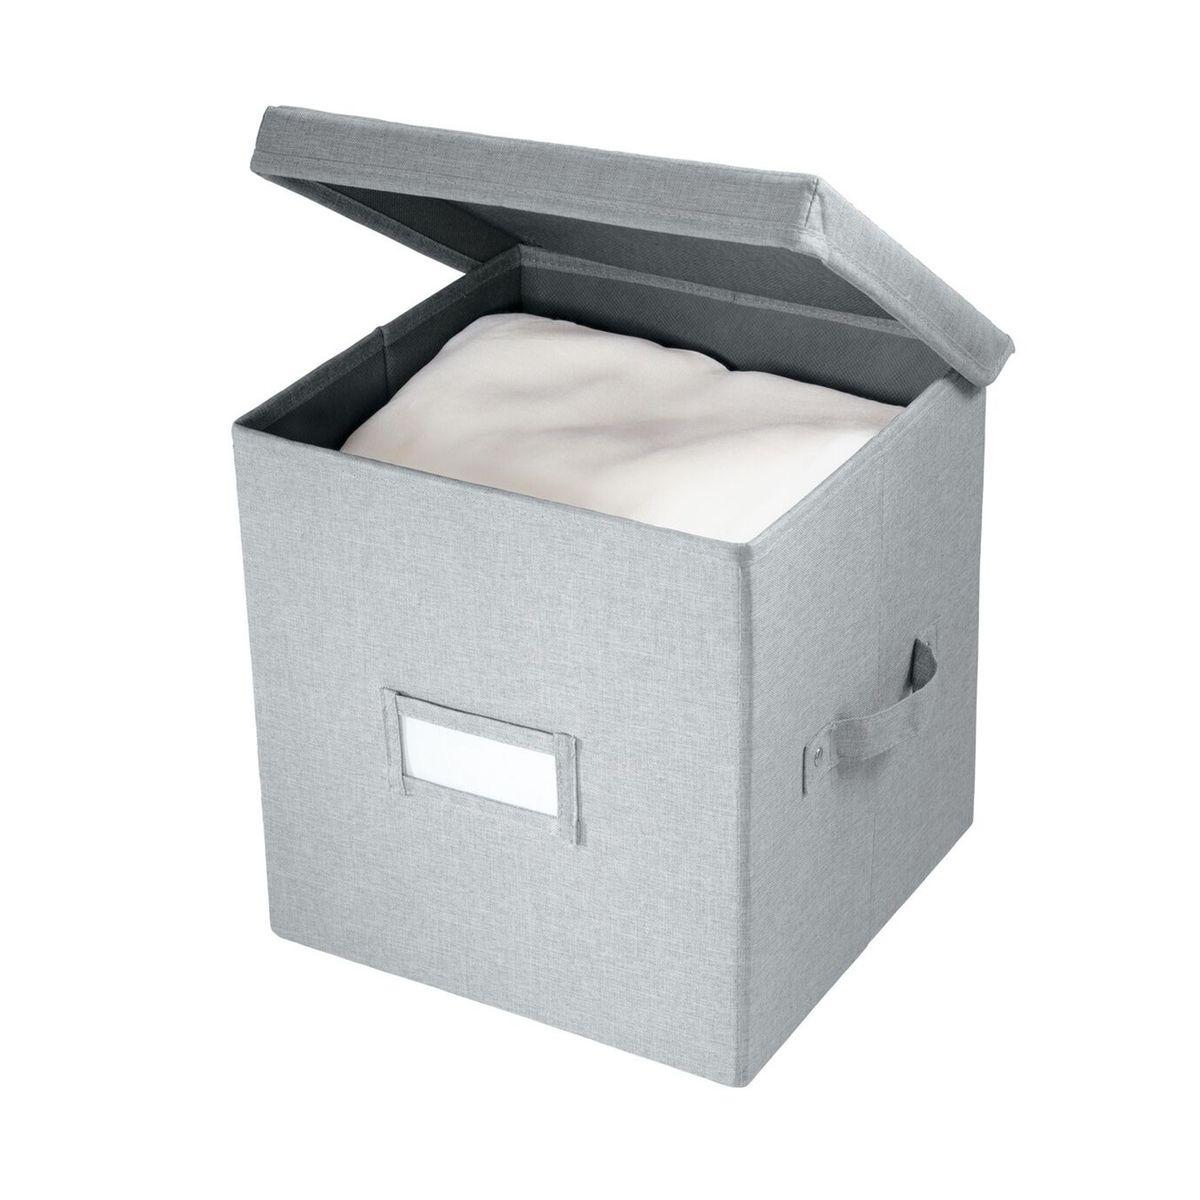 Cube de rangement design pas cher - Le Mobilier